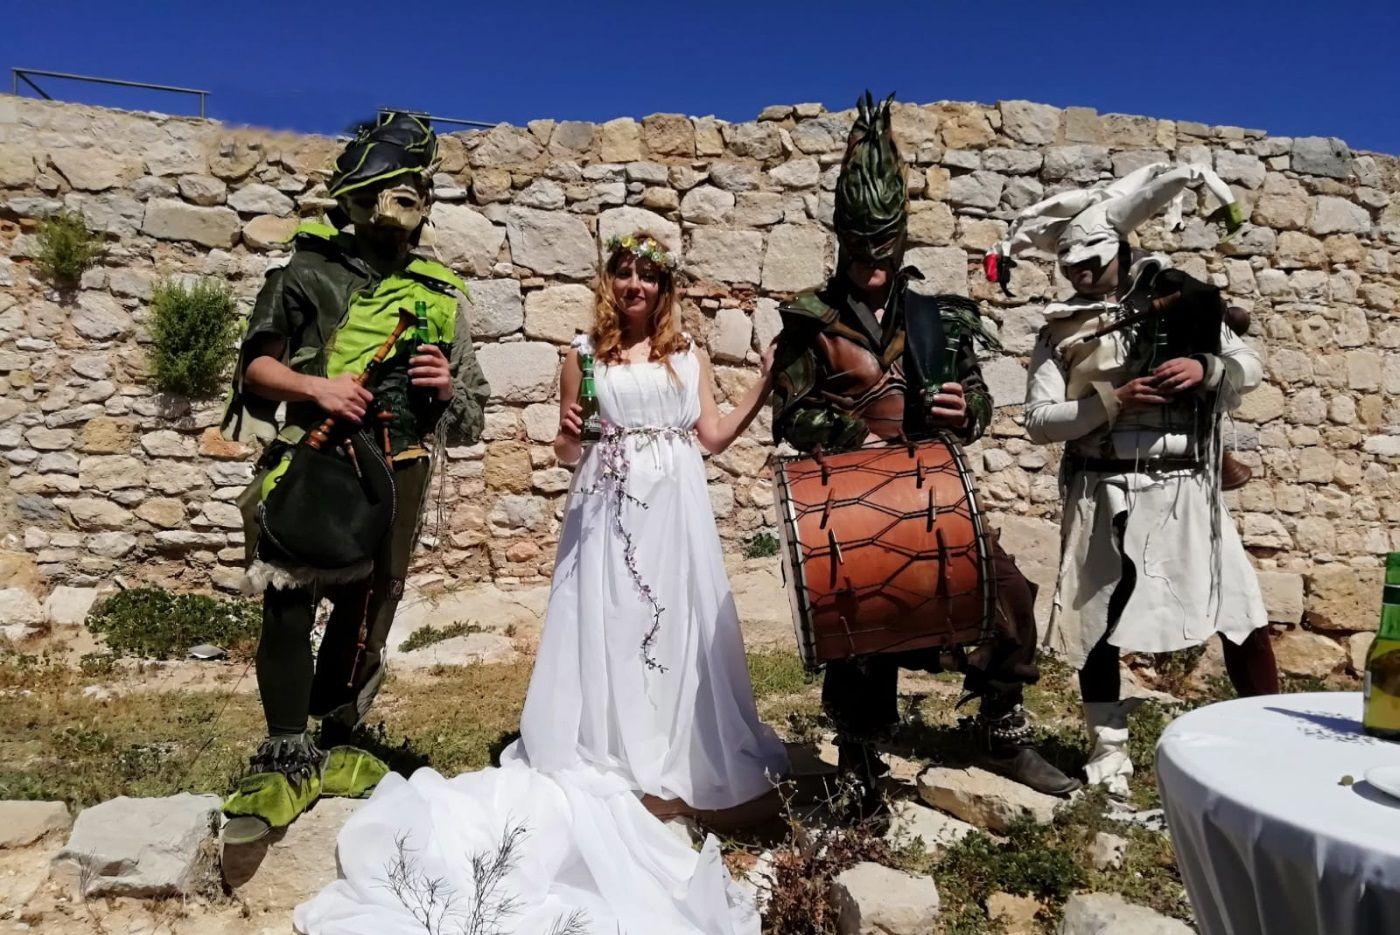 """Dancem ameniza la presentación de la cerveza """"El Alcázar"""", celebrada en El Castillo de Santa Catalina en Jáen para Heineken."""